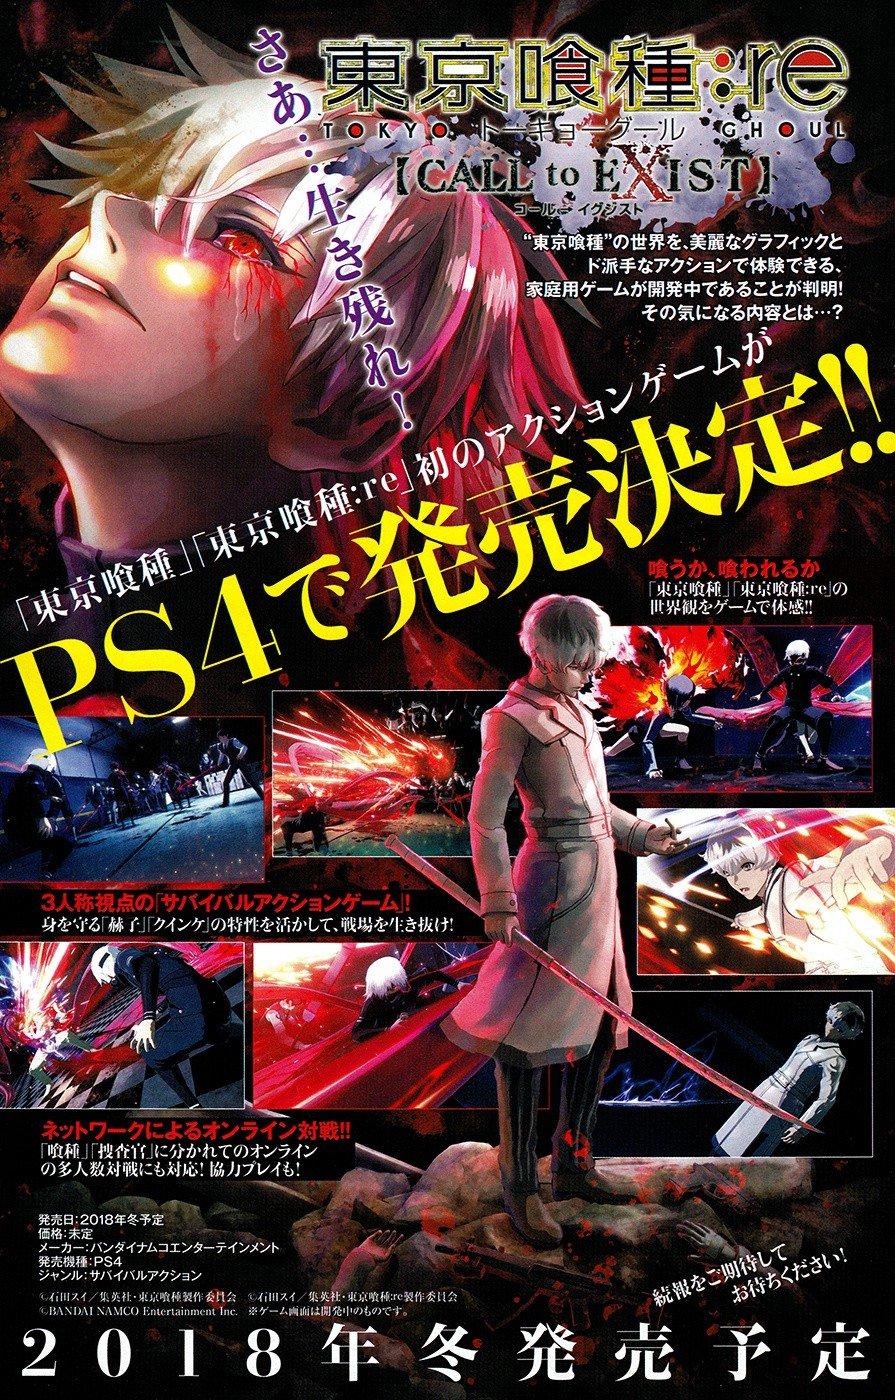 Tokyo Ghoul:re Call to Exist - Neues Spiel für PS4 bestätigt